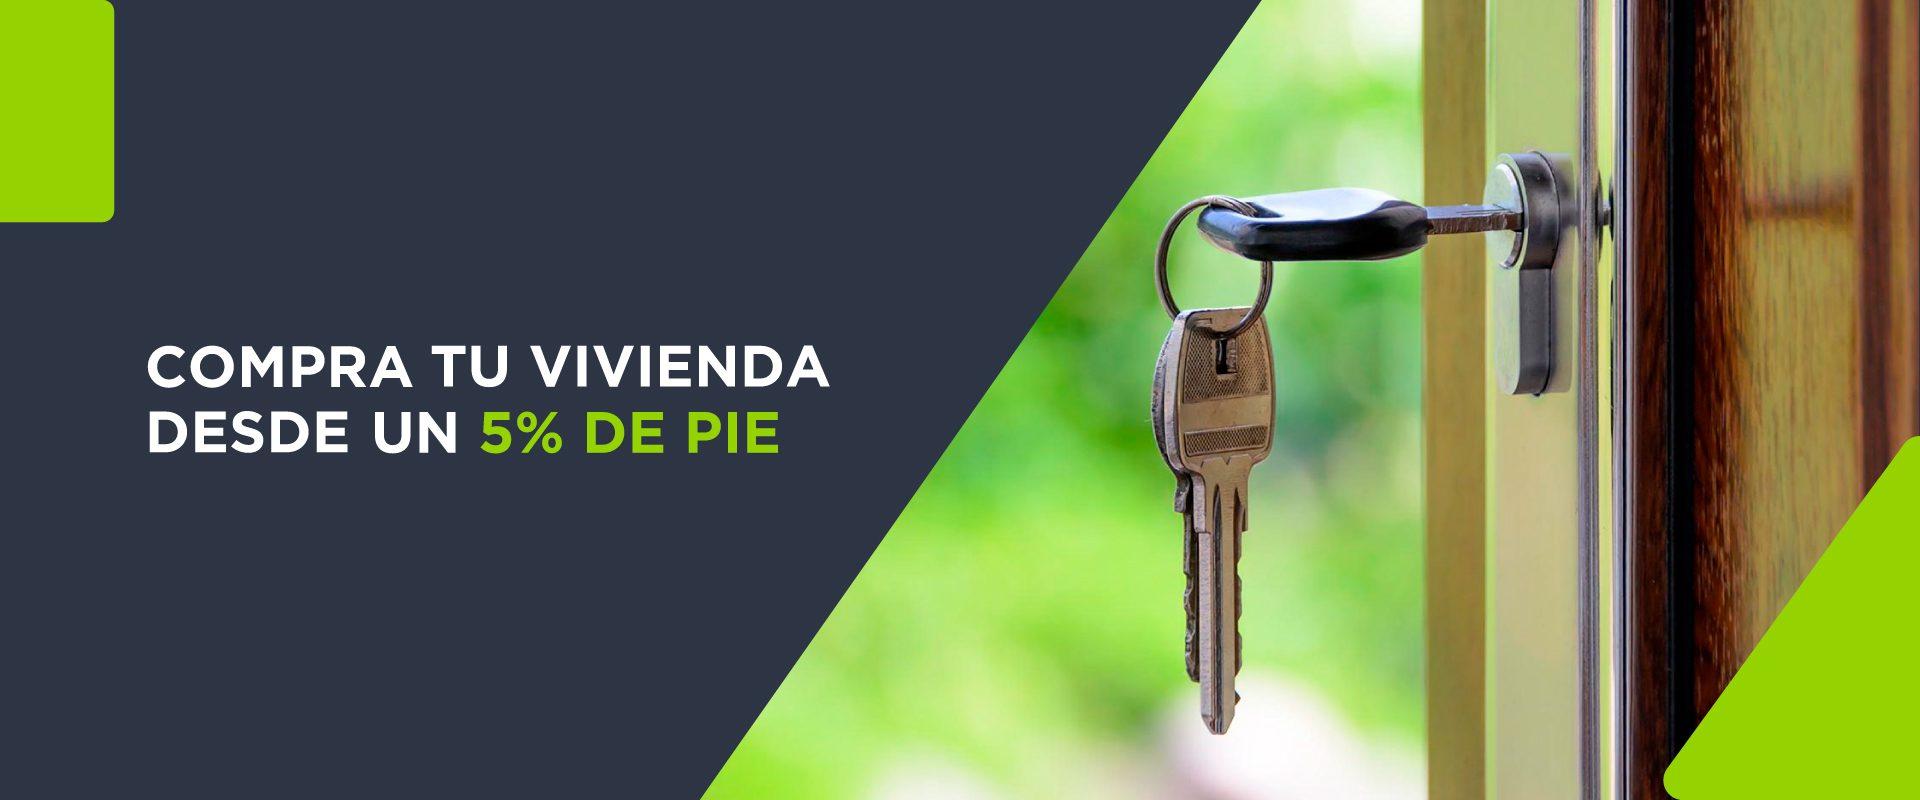 Compra tu vivienda desde un 5% de pie